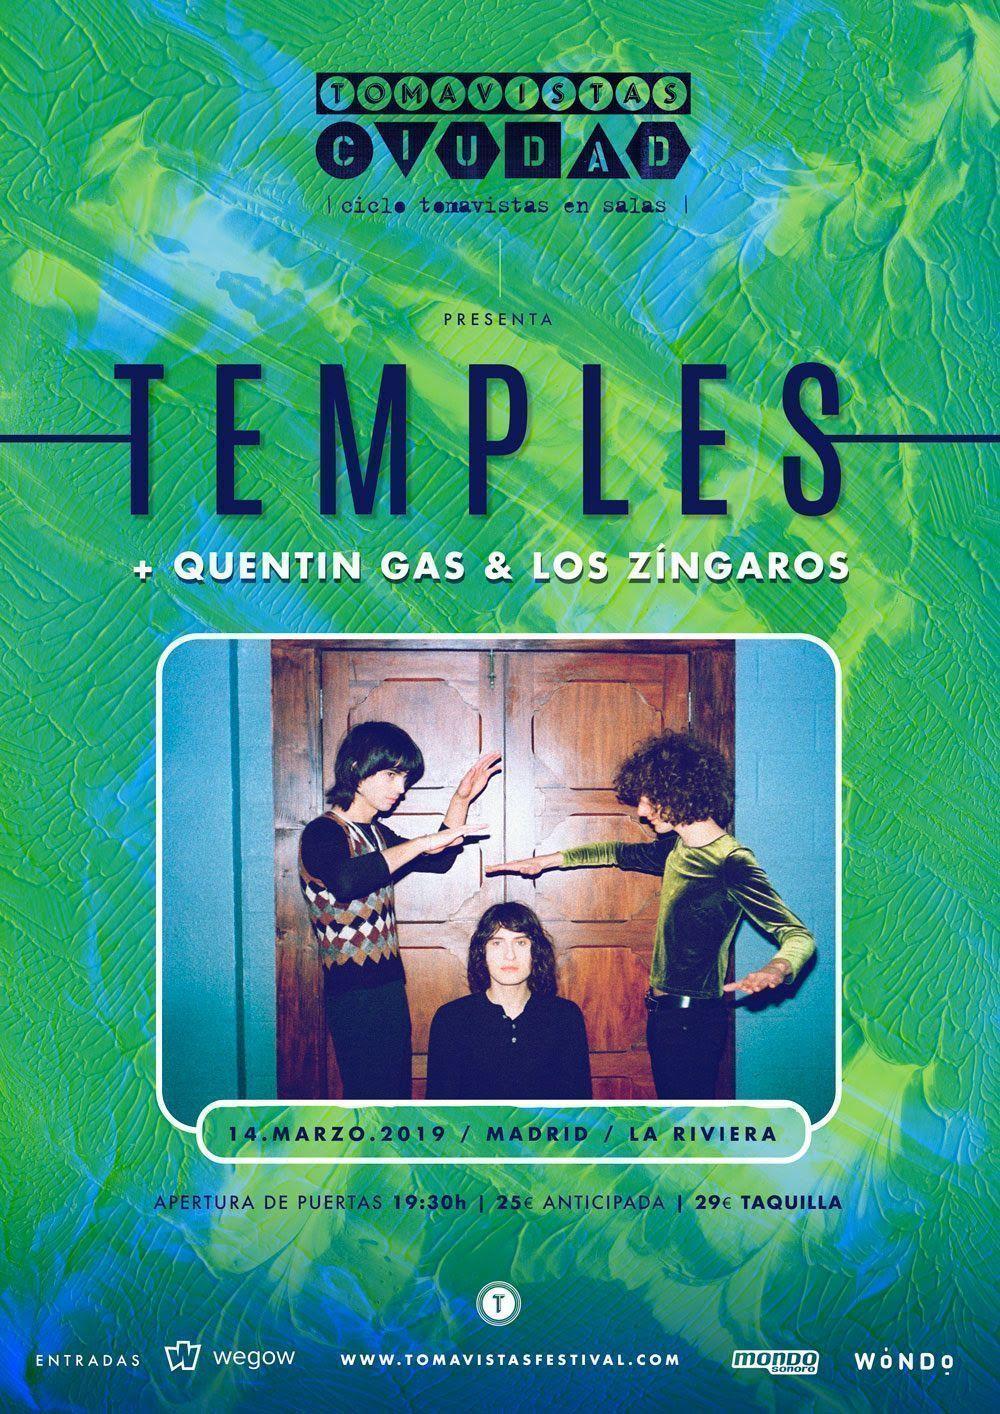 Temples actuarán en Madrid. Cierre espectacular para esta temporada del Tomavistas Ciudad